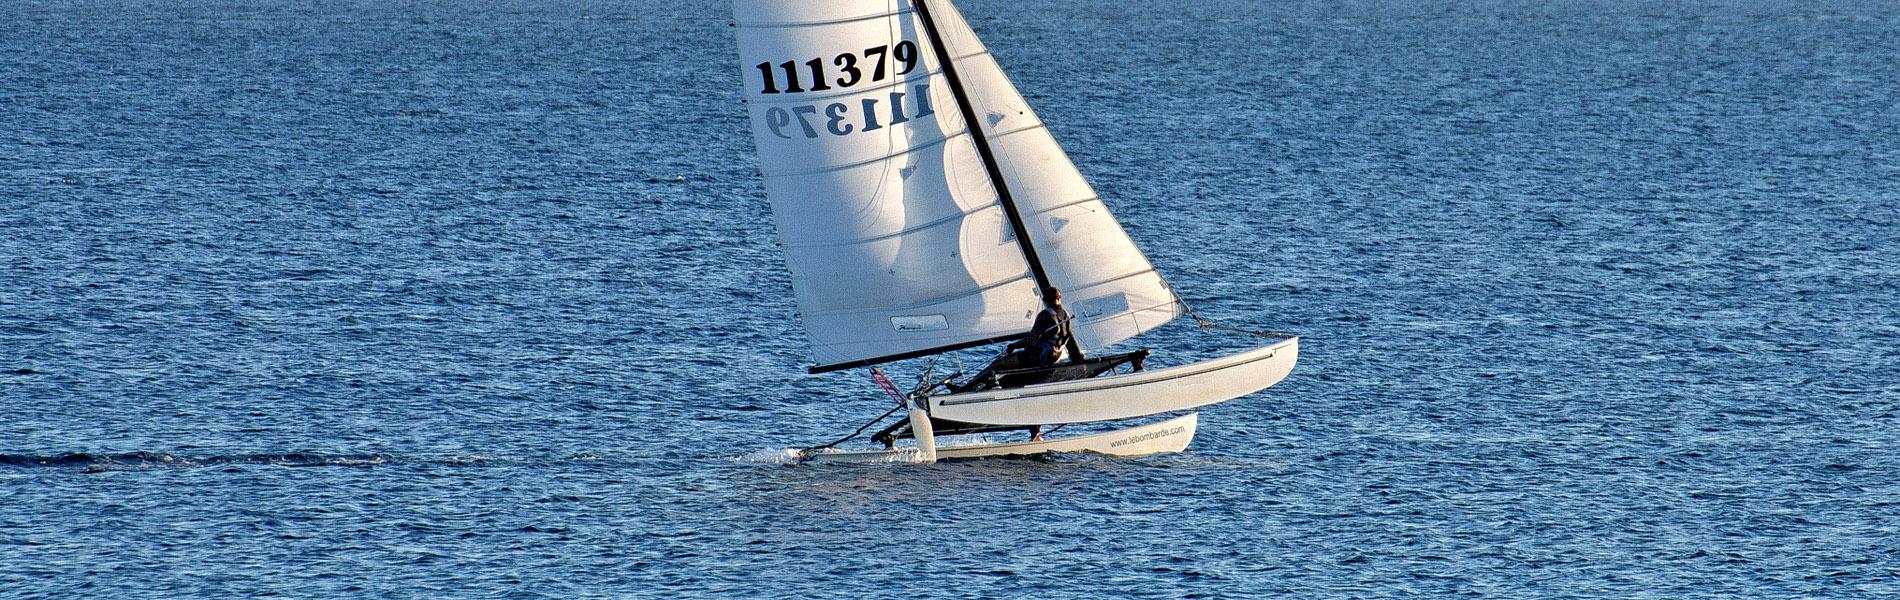 Catamarano Nauticlub